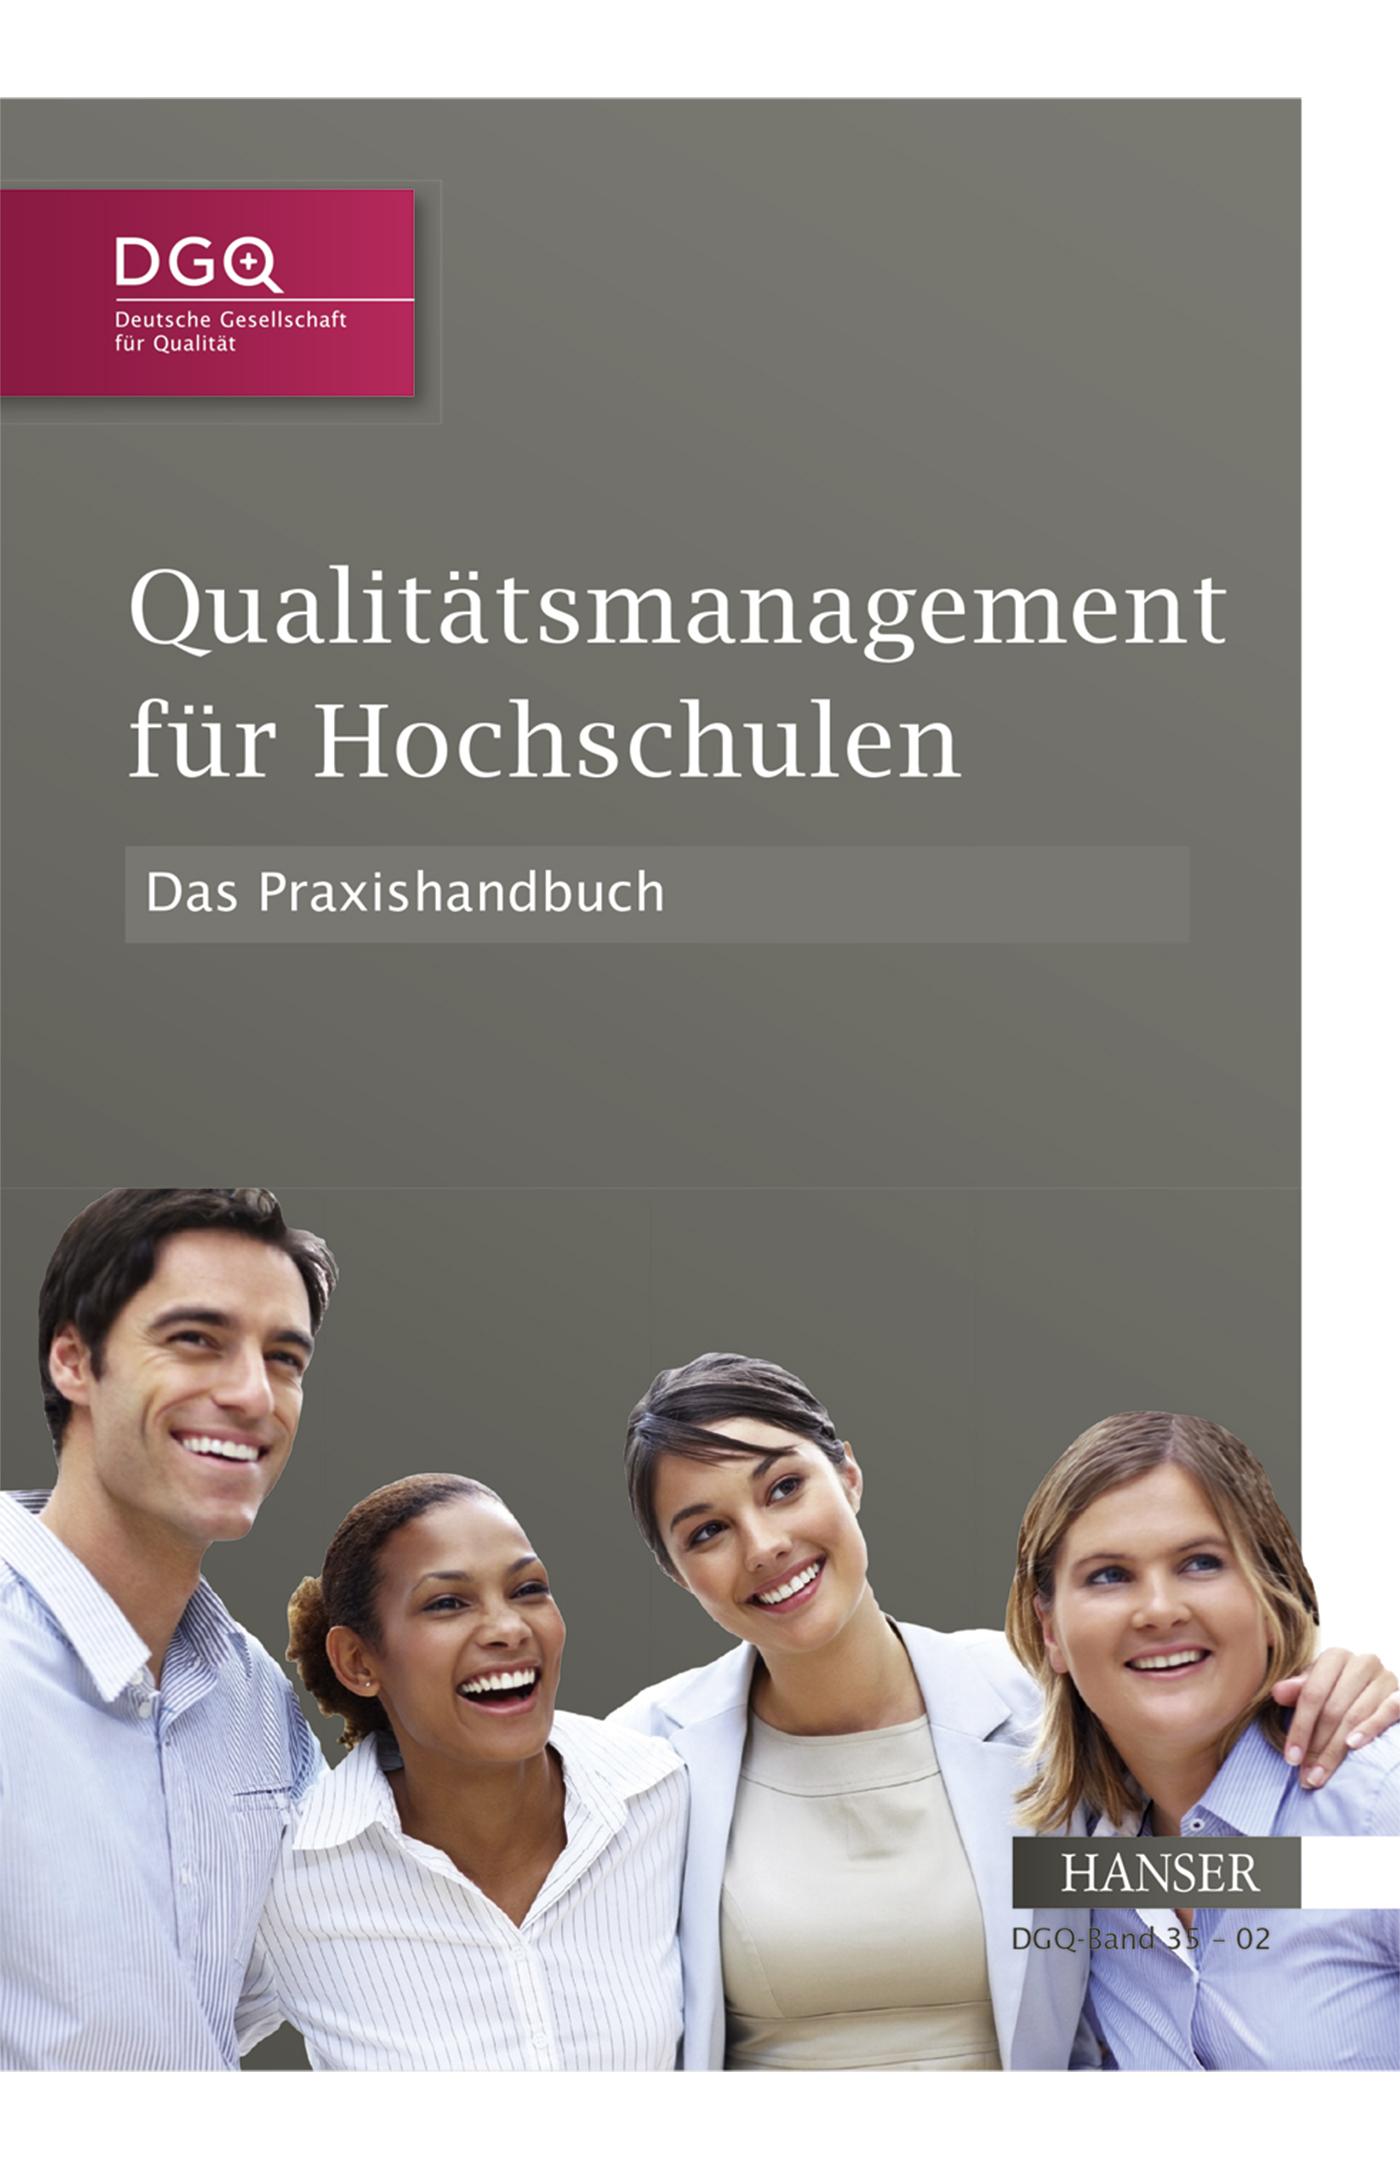 Qualitätsmanagement für Hochschulen – Das Praxishandbuch, 978-3-446-44189-7